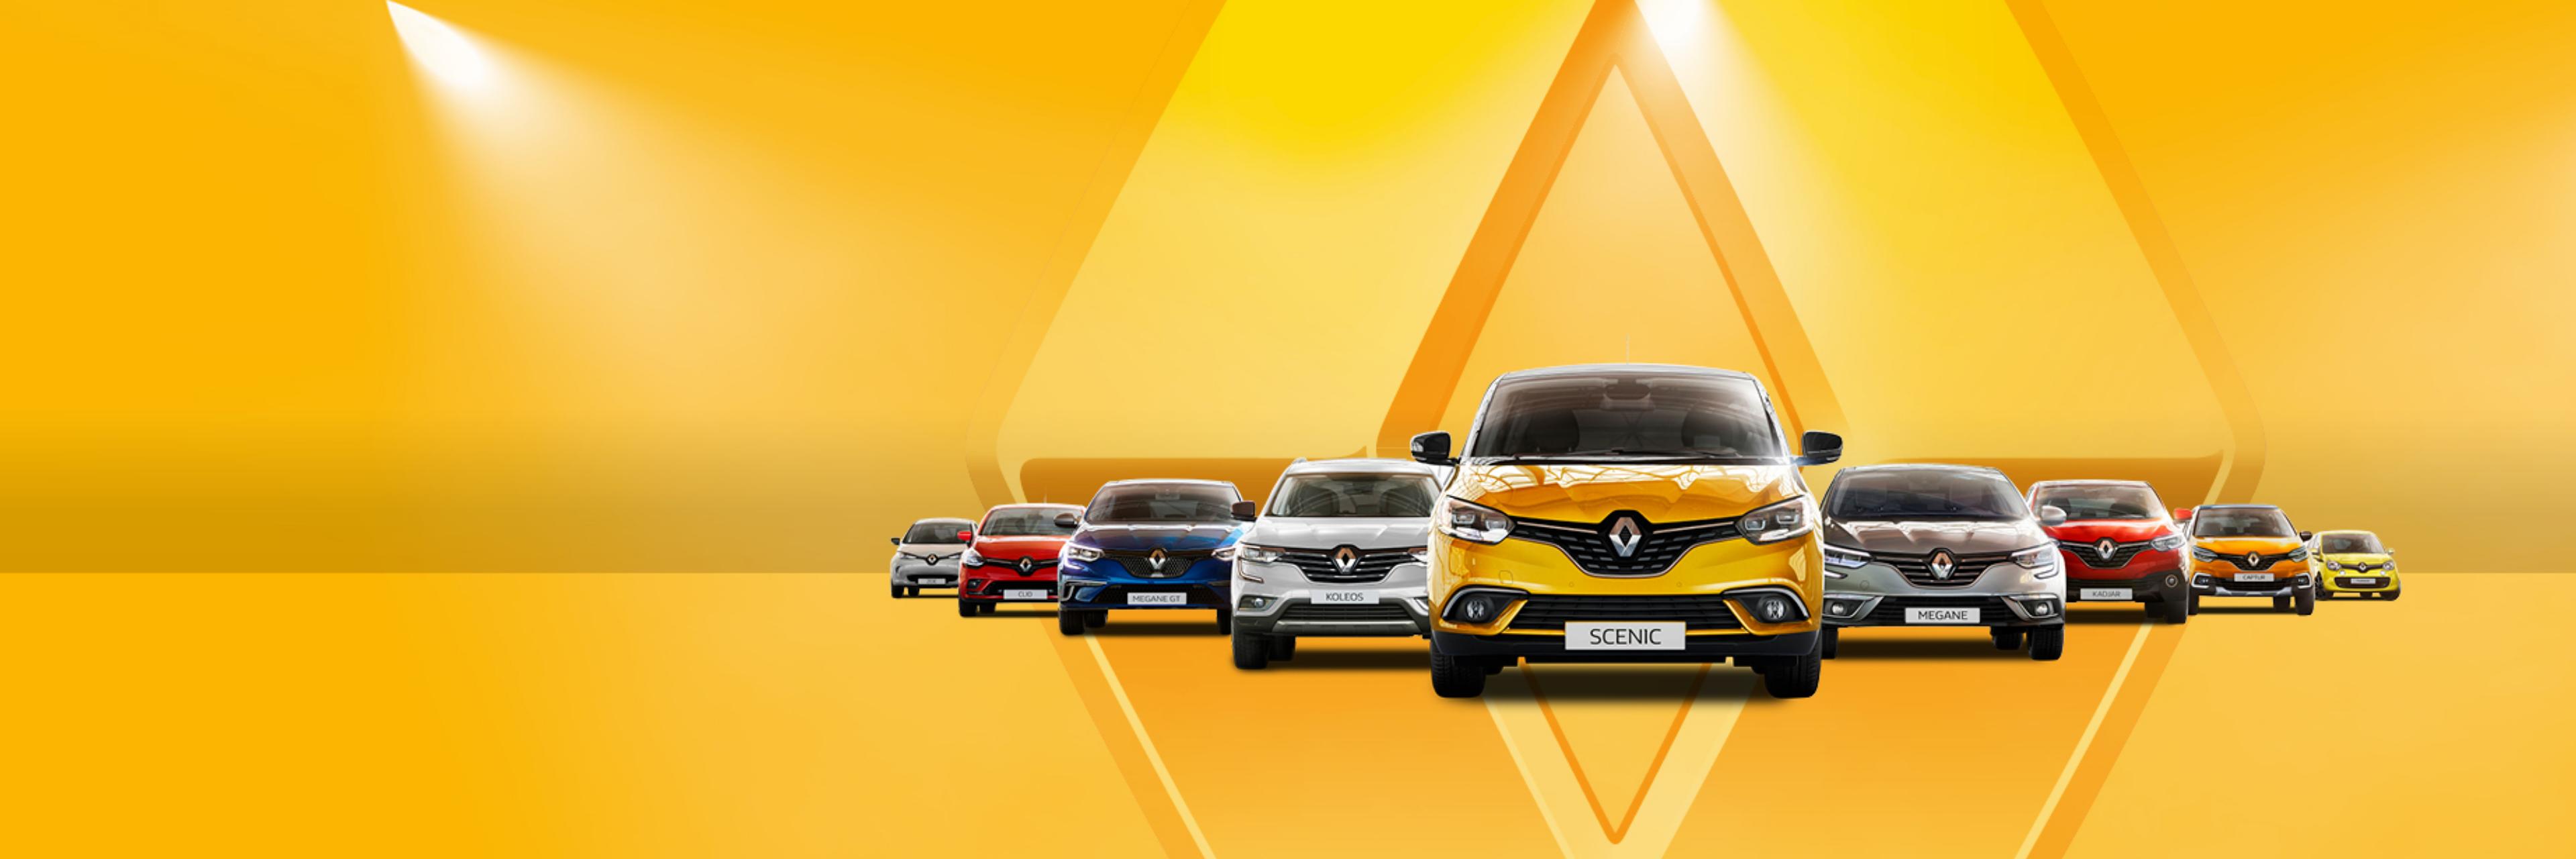 Renault Orijinal Yedek Parça Alım İşlemleri